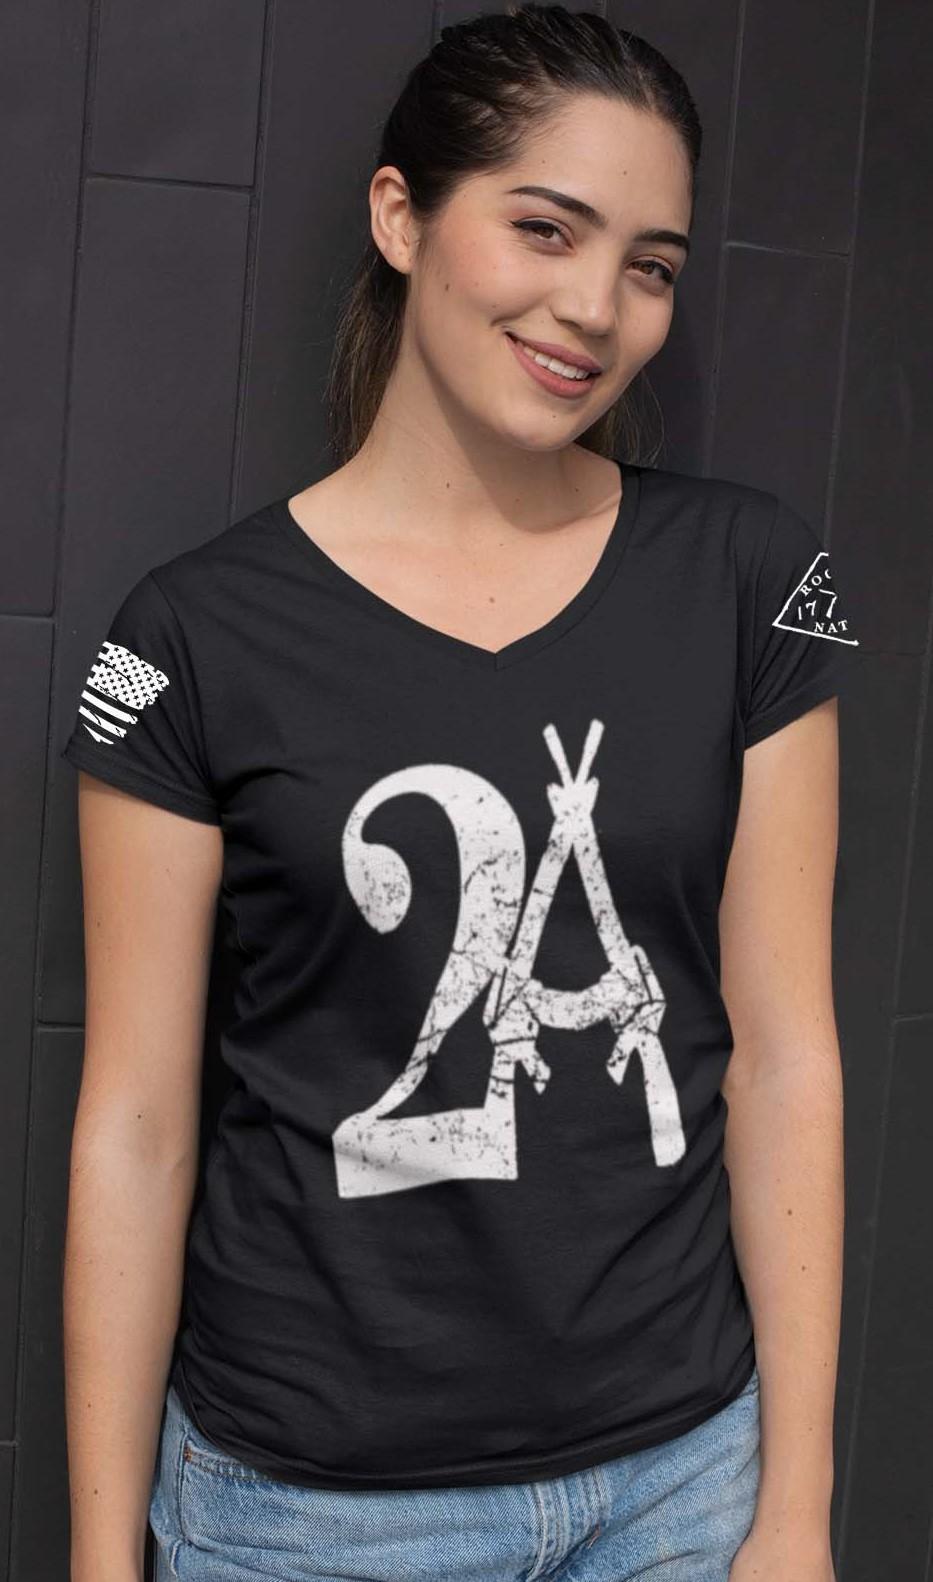 2A on a Black V-Neck T-shirt